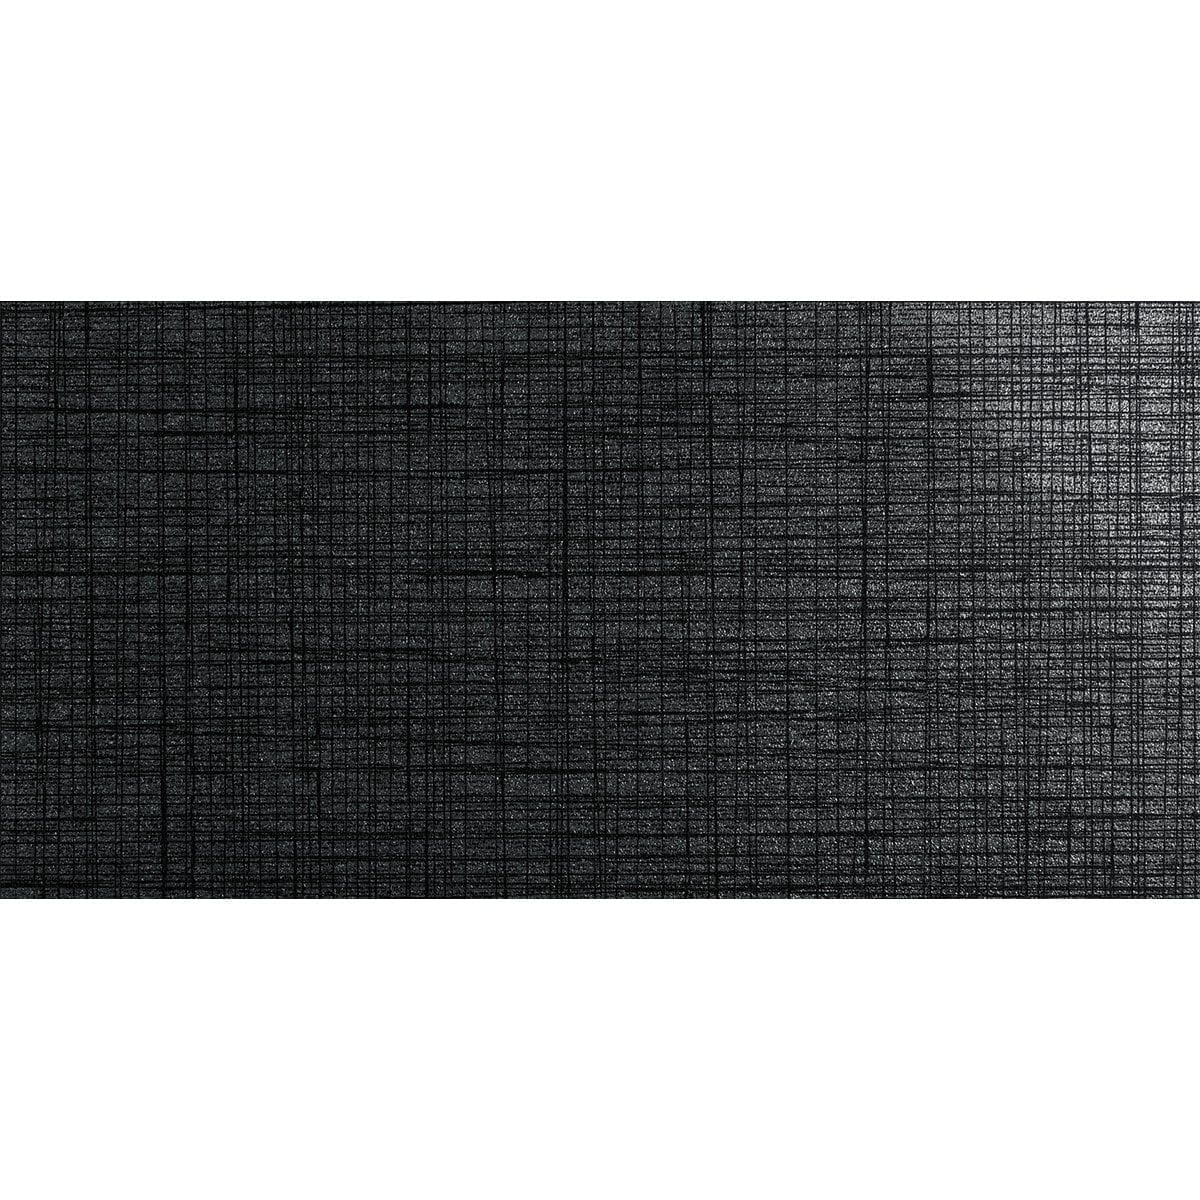 T10823 ELECTRA LUX BLACK 12X24 LAPPATTO